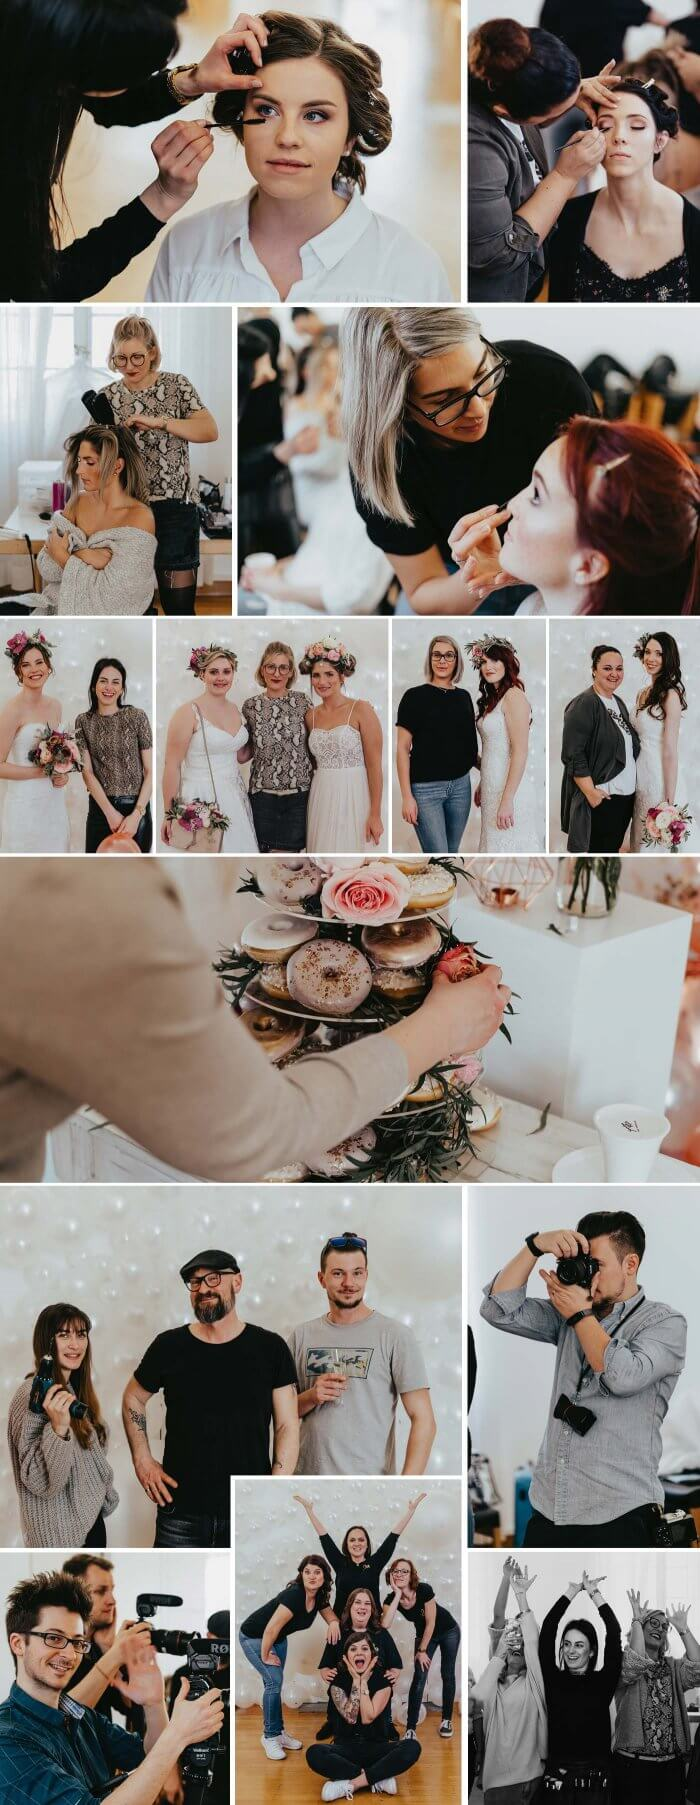 Brautshooting 2019 Hinter den Kulissen